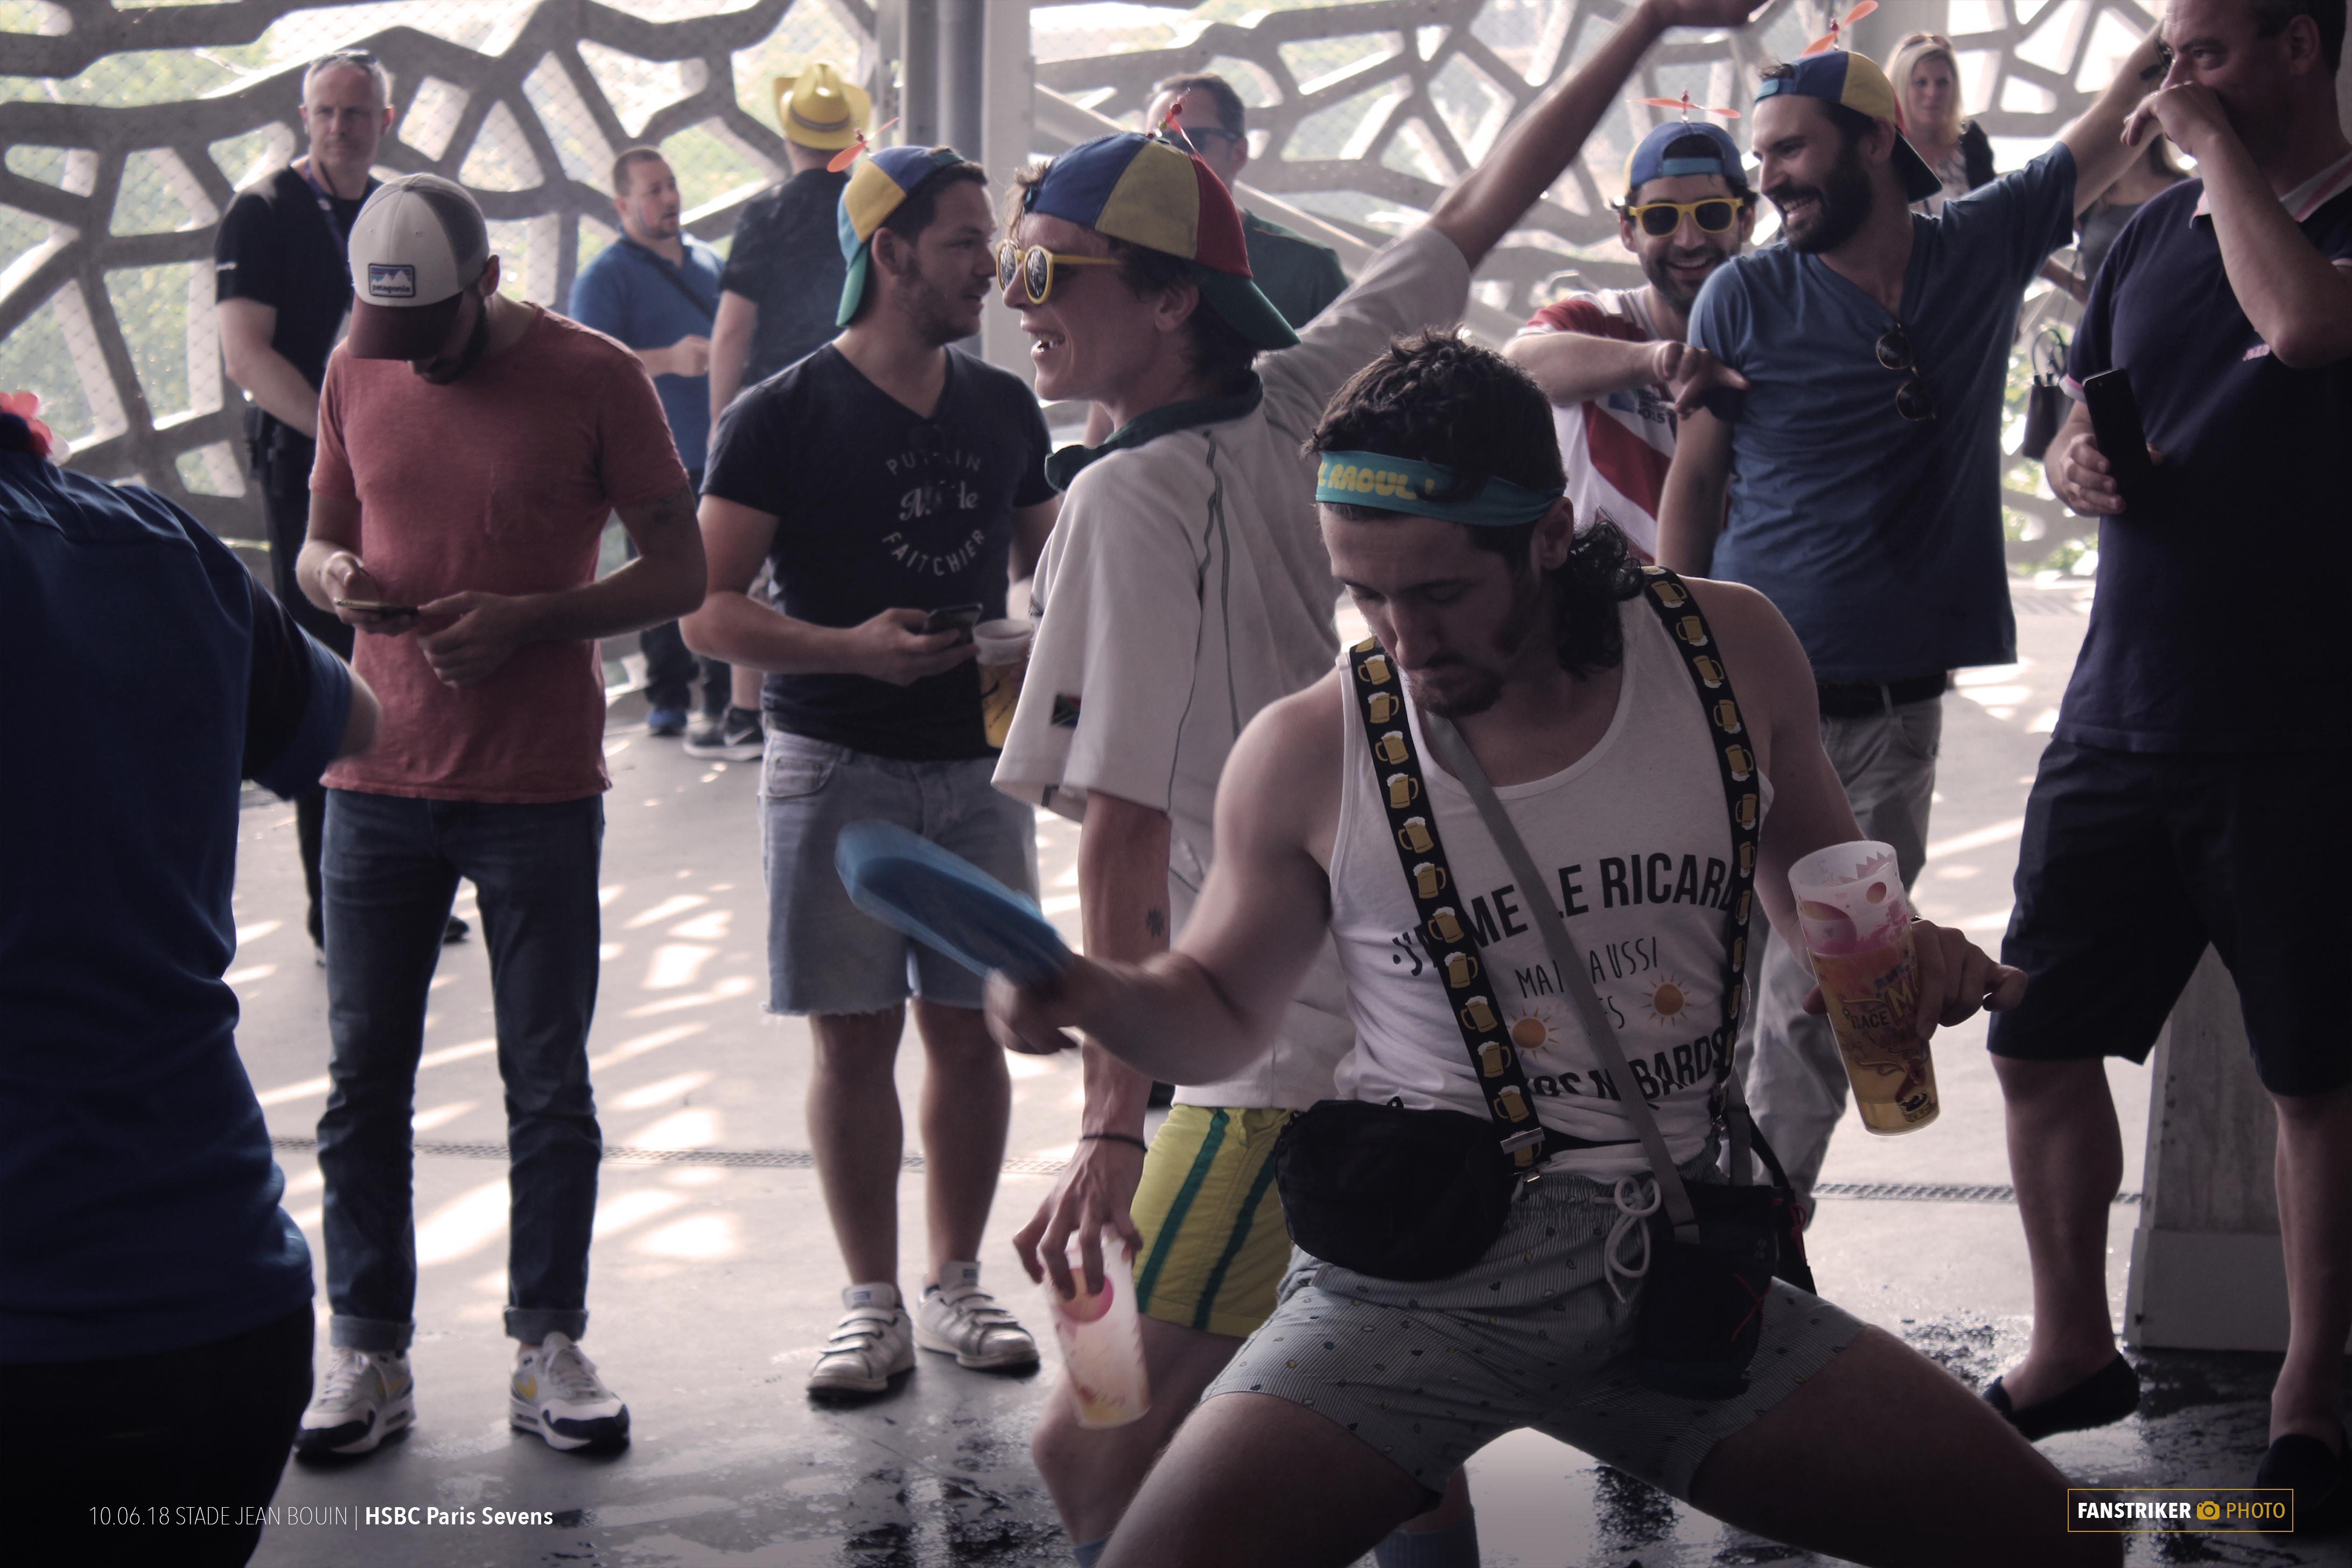 La danse, la musique et les déguisements